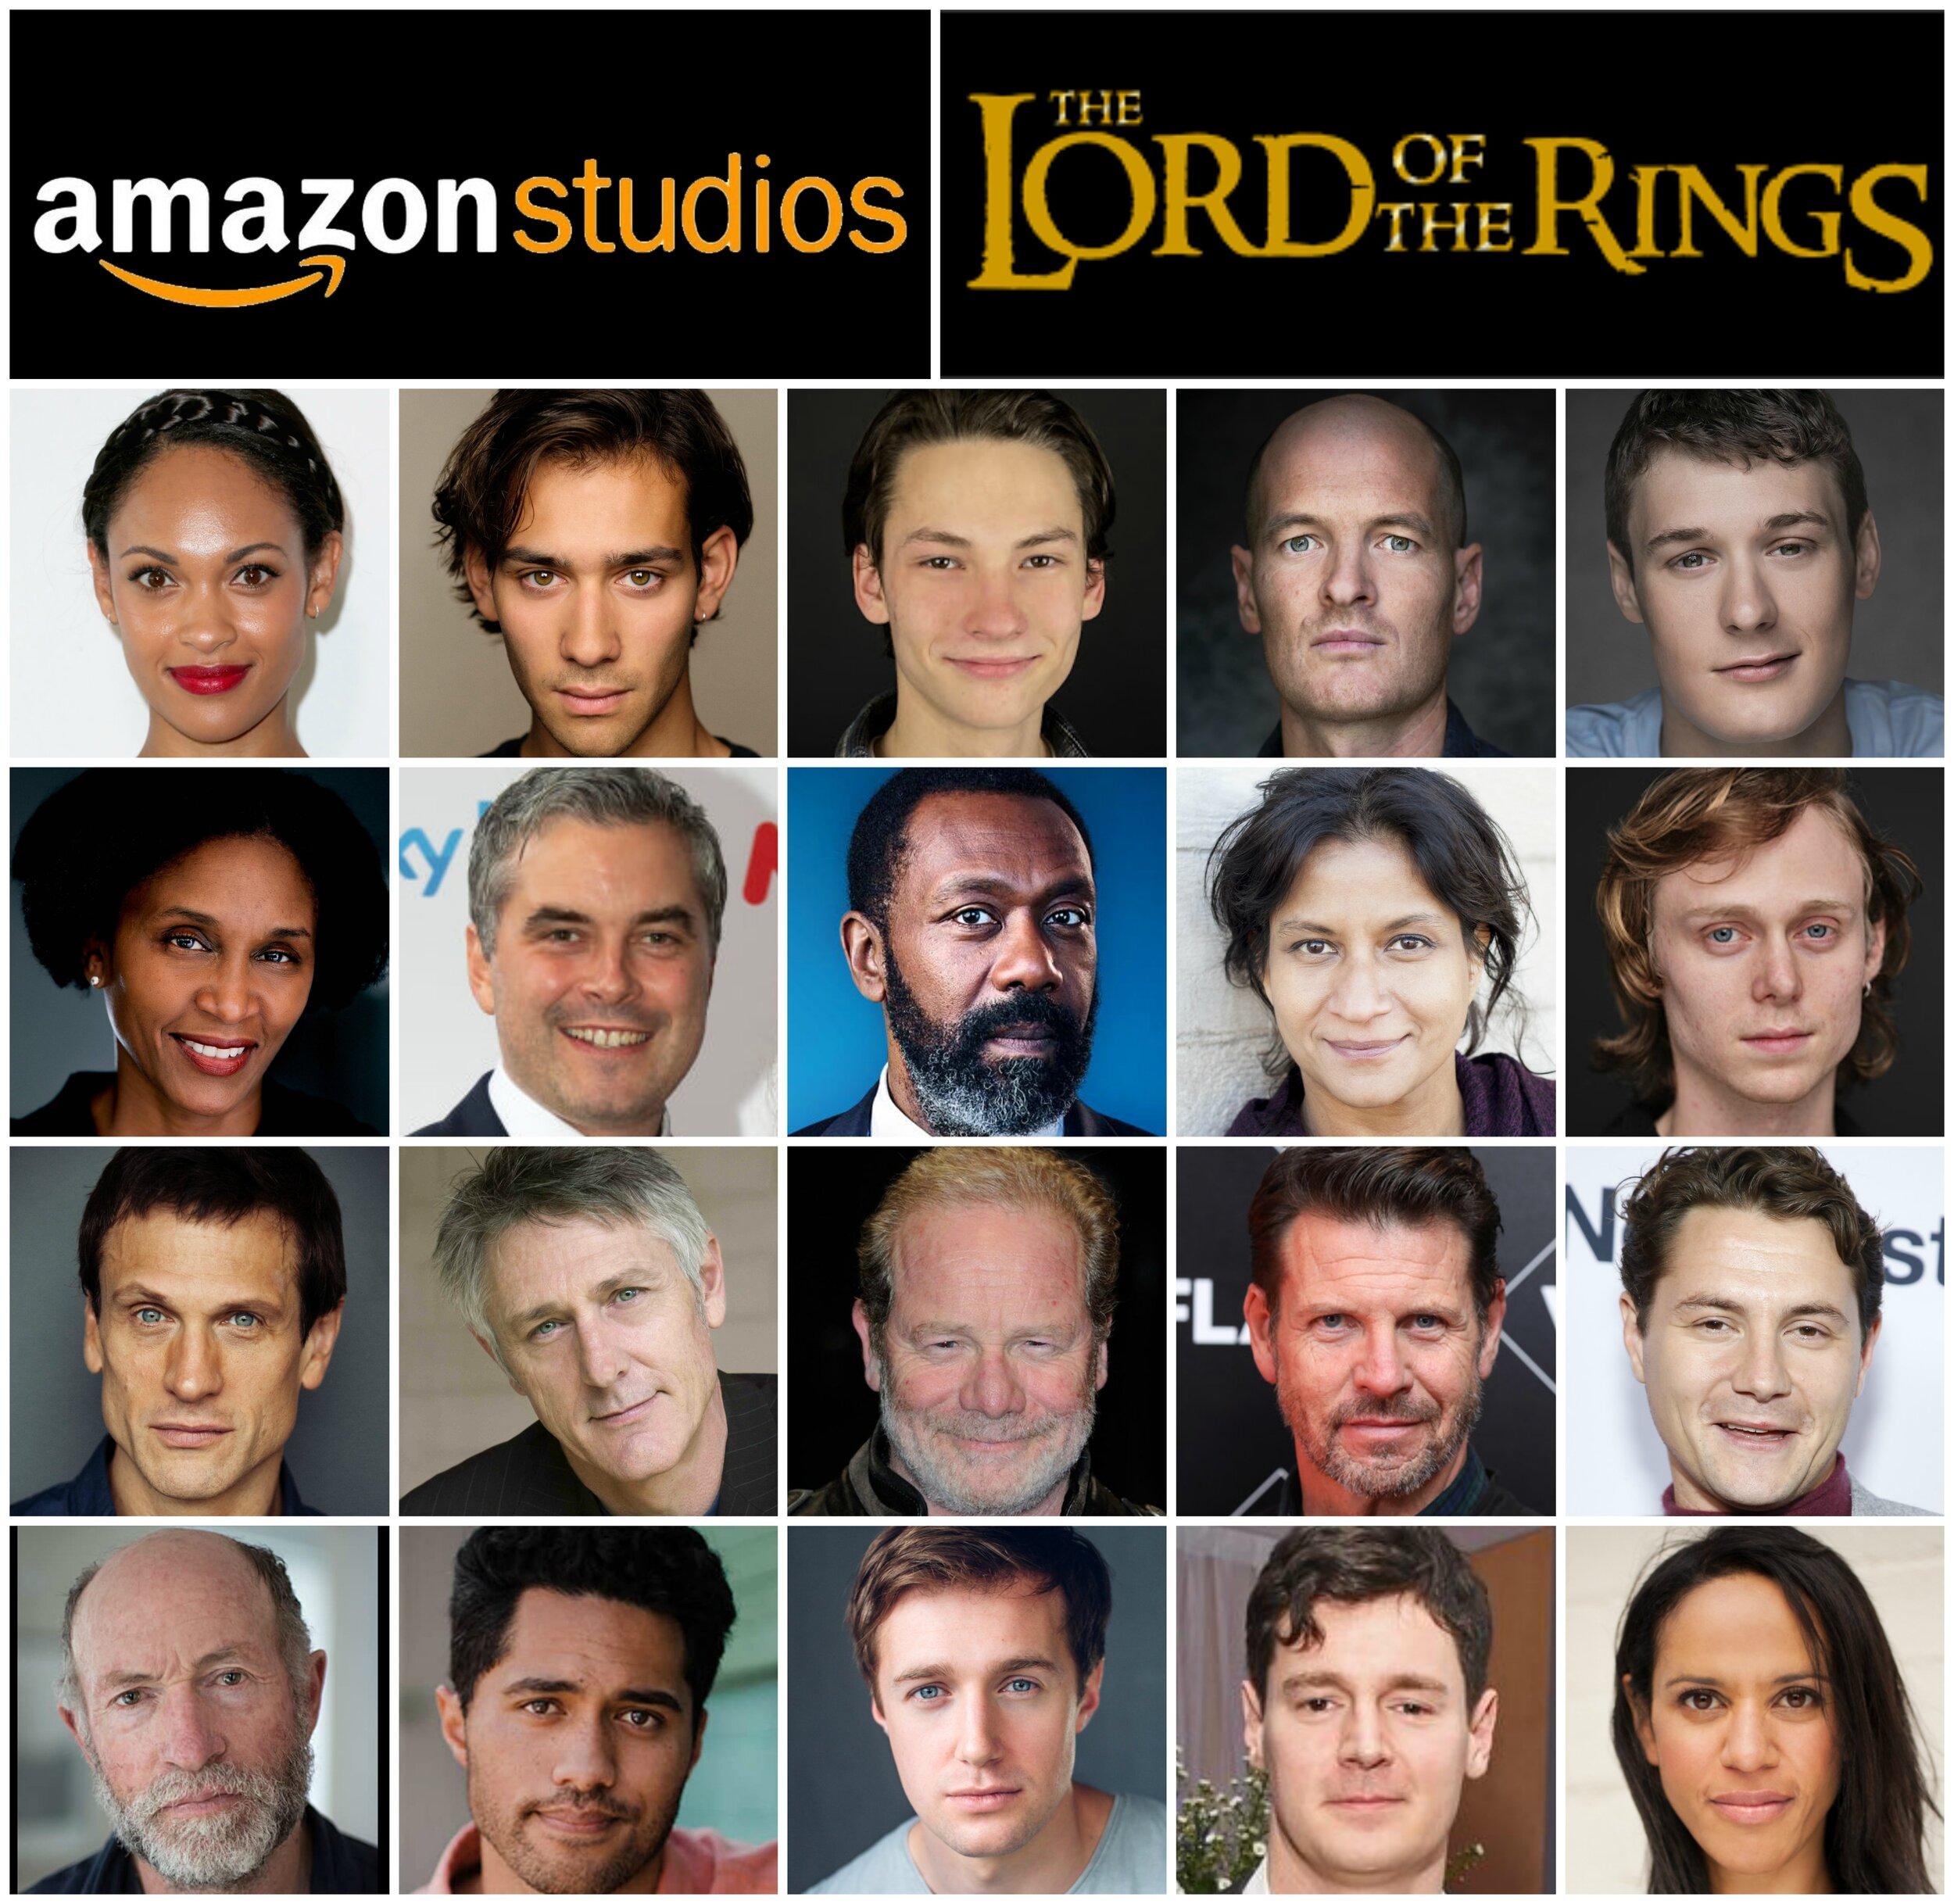 El señor de los anillos. Serie Amazon 2021 - Página 2 Amazon+Studios+Lord+Of+The+Rings+additional+cast